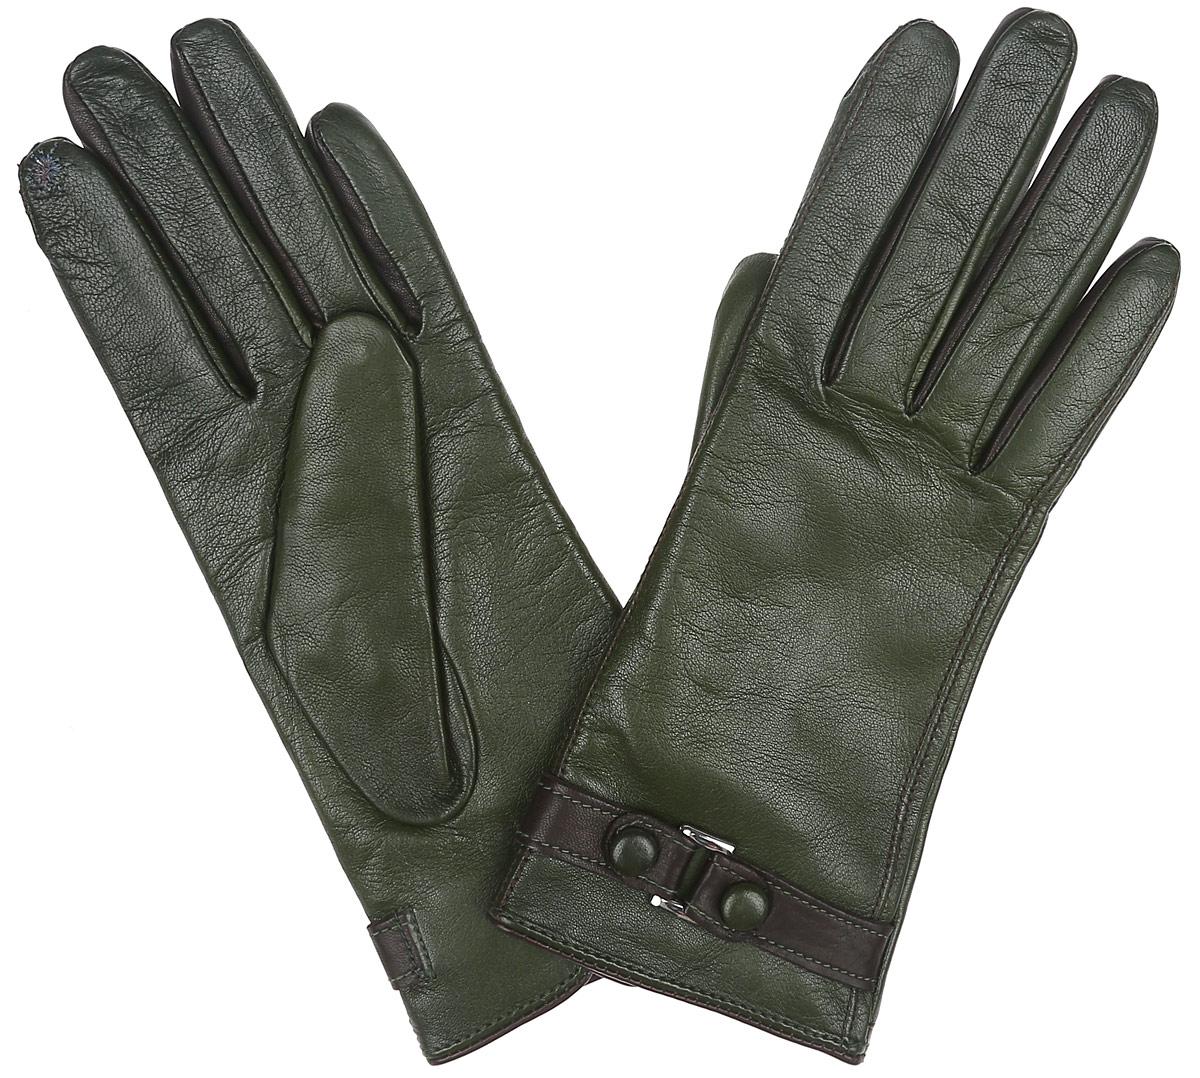 TOUCH IS02074Новая модель элегантных перчаток от Eleganzza создана специально для работы с сенсорными экранами. Благодаря наличию на пальцах особой металлизированной нити любыми современными устройствами можно пользоваться, не снимая перчаток. Перчатки выполнены из необыкновенно мягкой и приятной на ощупь натуральной кожи контрастных цветов, а их подкладка - из натуральной шерсти с добавлением кашемира. Лицевая сторона оформлена декоративным ремешком. Тыльная сторона дополнена аккуратным разрезом. Руки в тепле, а вы на связи.